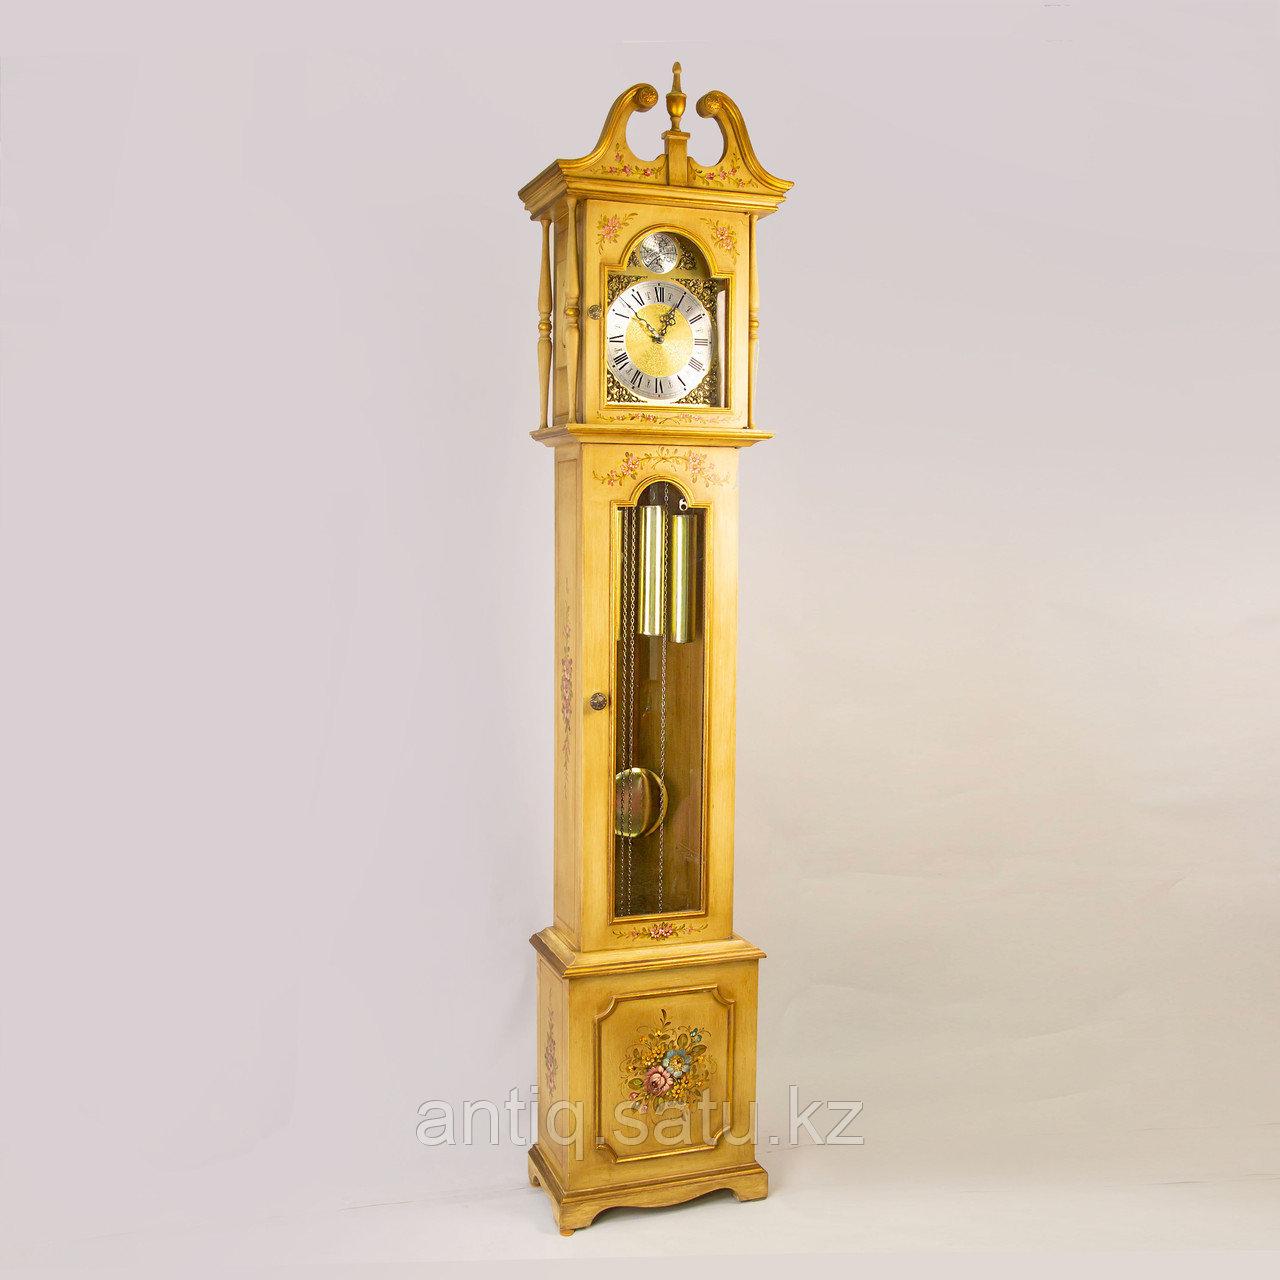 Напольные часы. Часовая мастерская Romanet Fabrik - фото 2